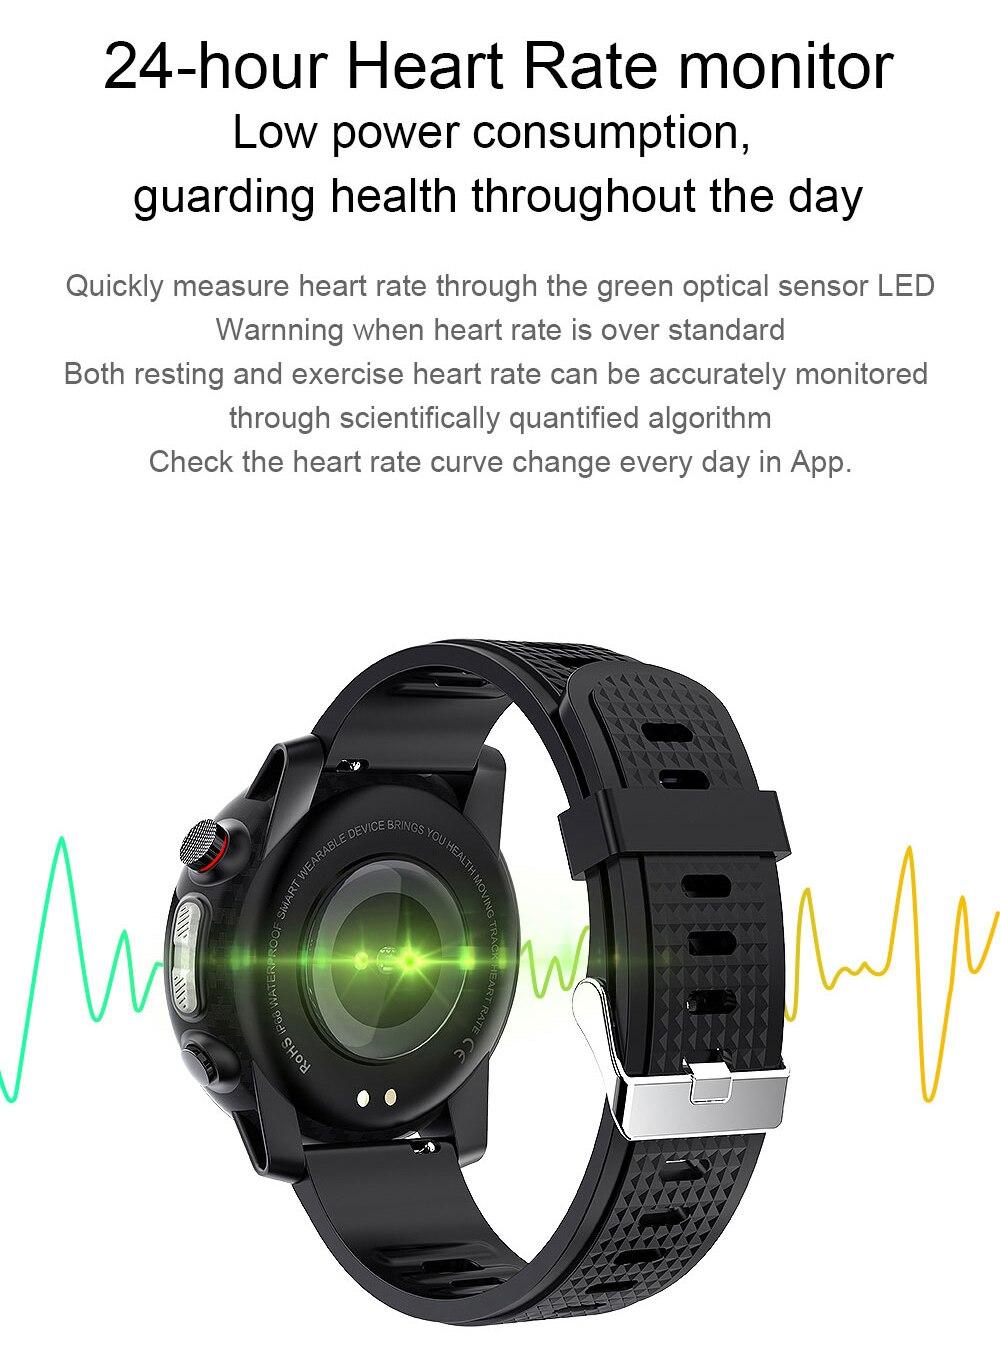 H0f112895fd164dea9302fabae5ea7e81s Timewolf Reloj Inteligente Smart Watch Men 2021 IP68 Waterproof Android Smartwatch Smart Watch for Men Women Android Phone IOS